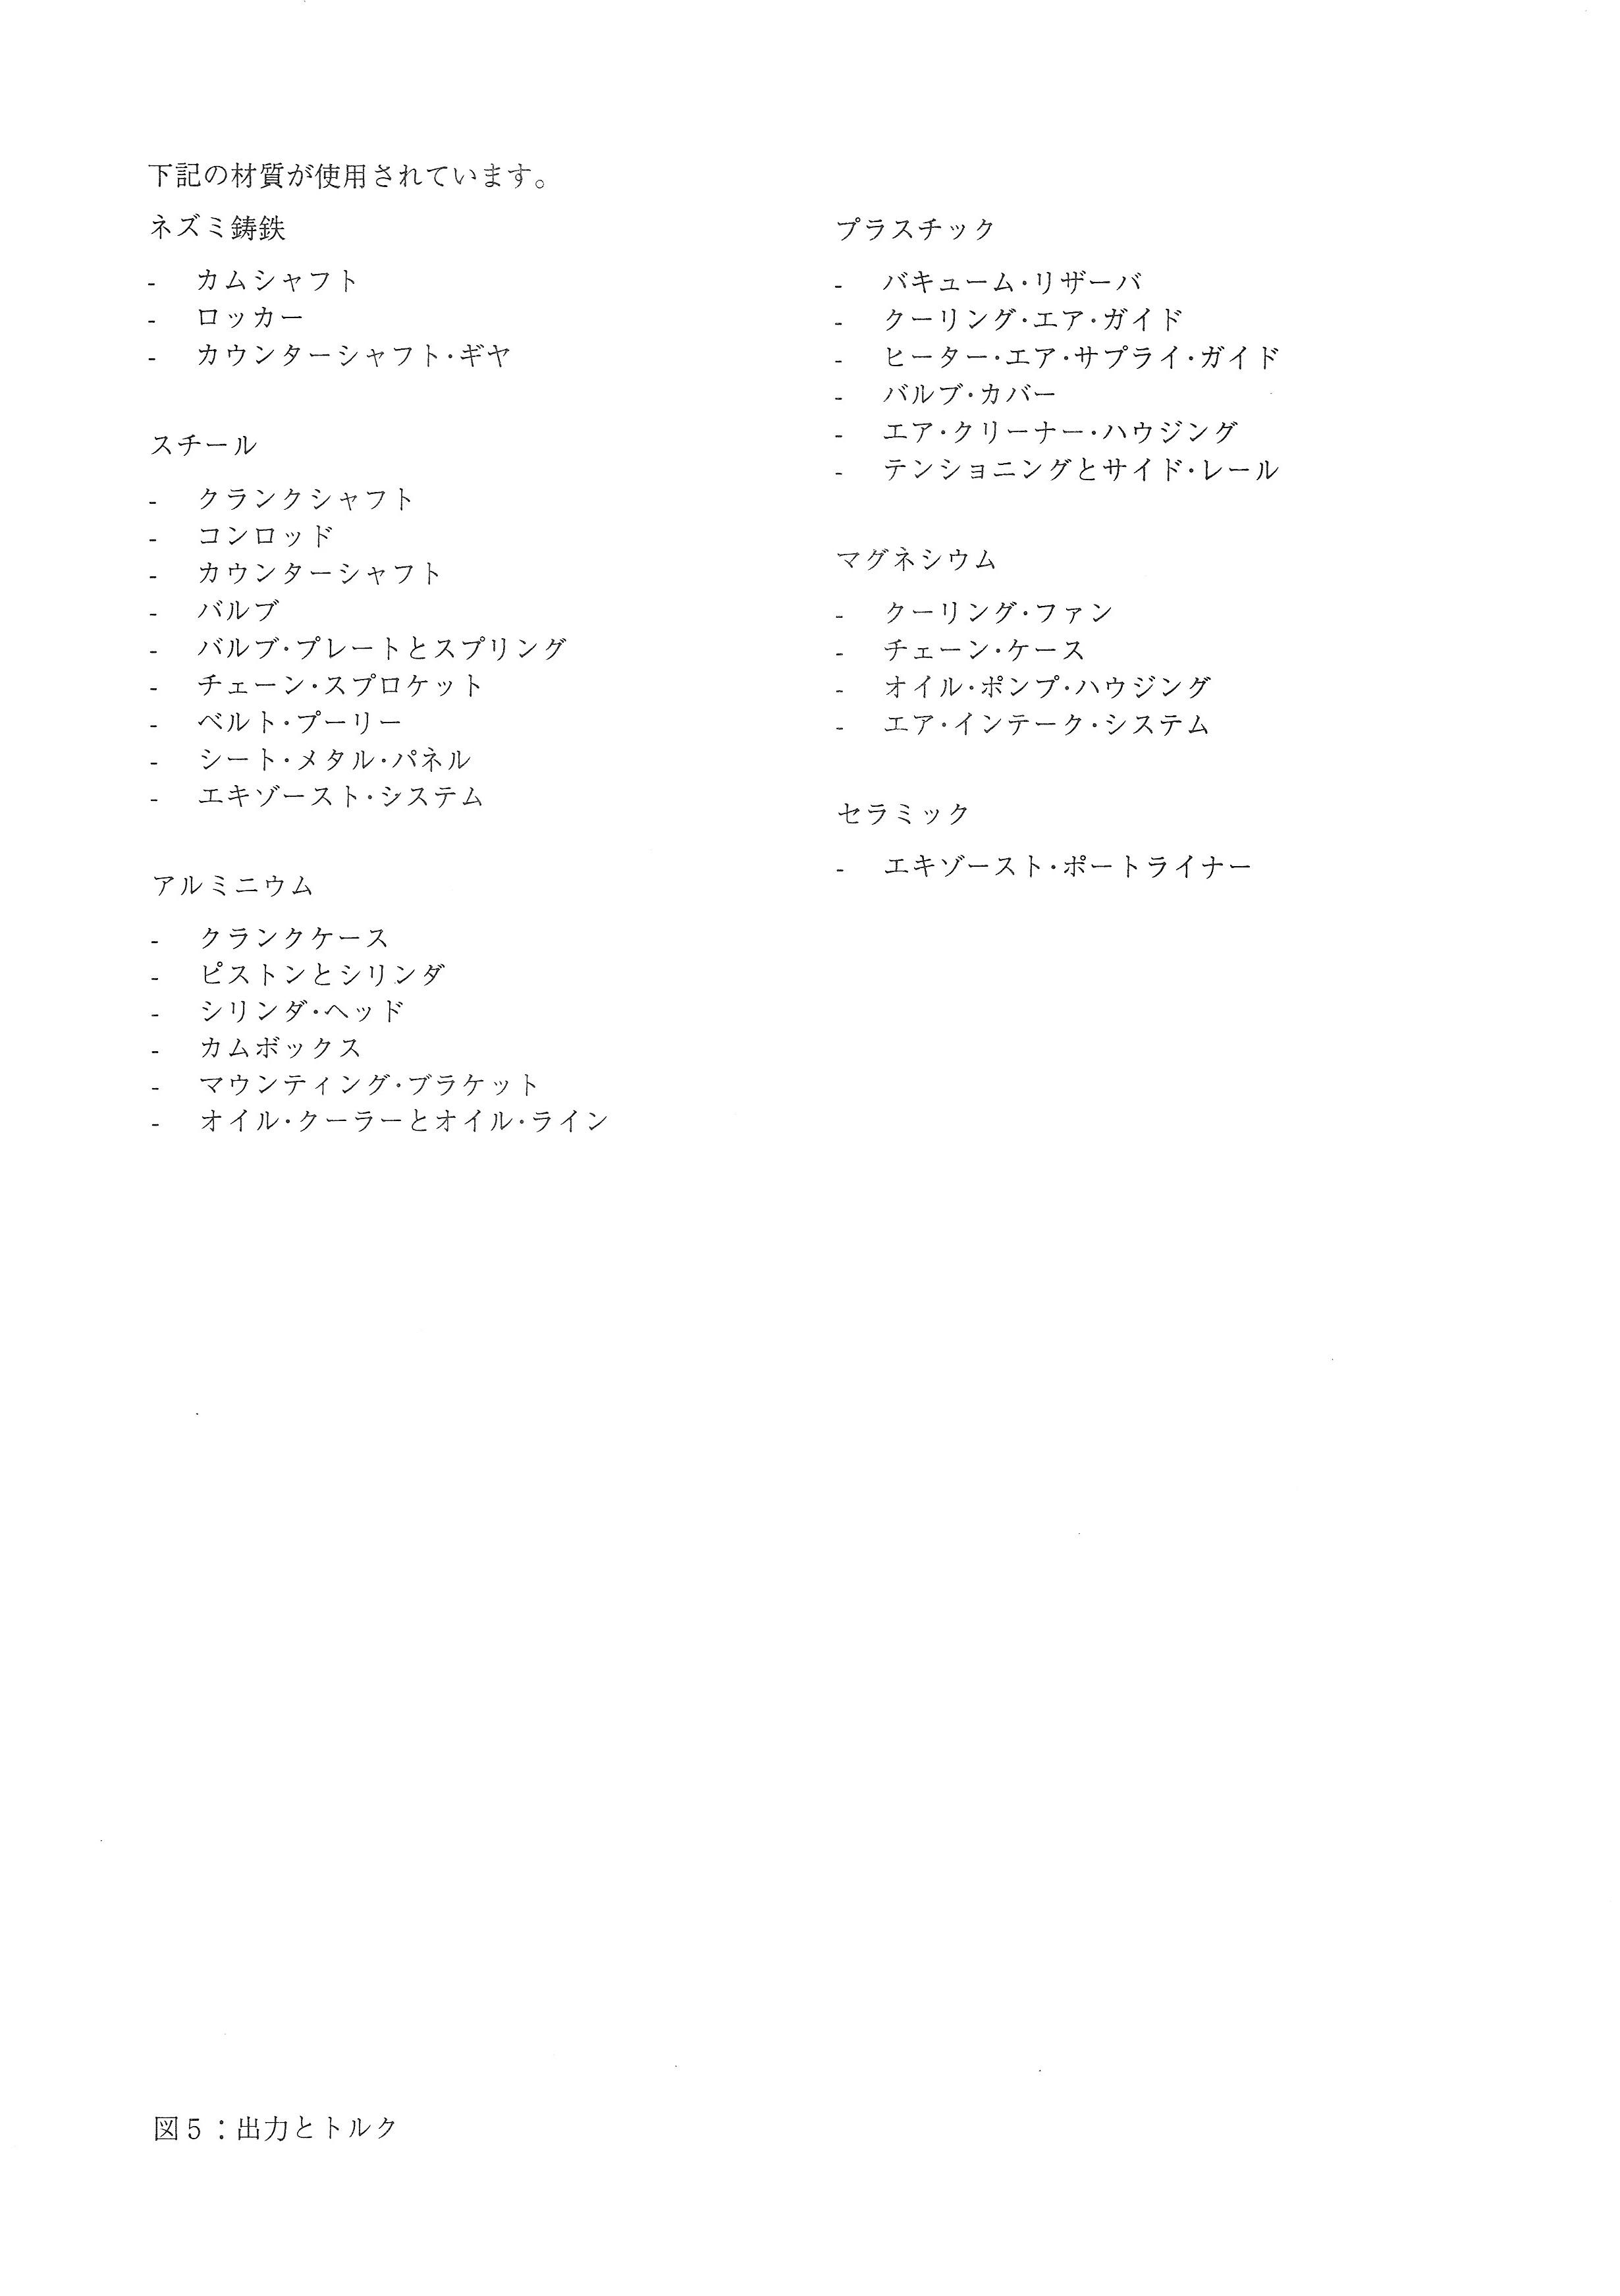 b0075486_18295939.jpg